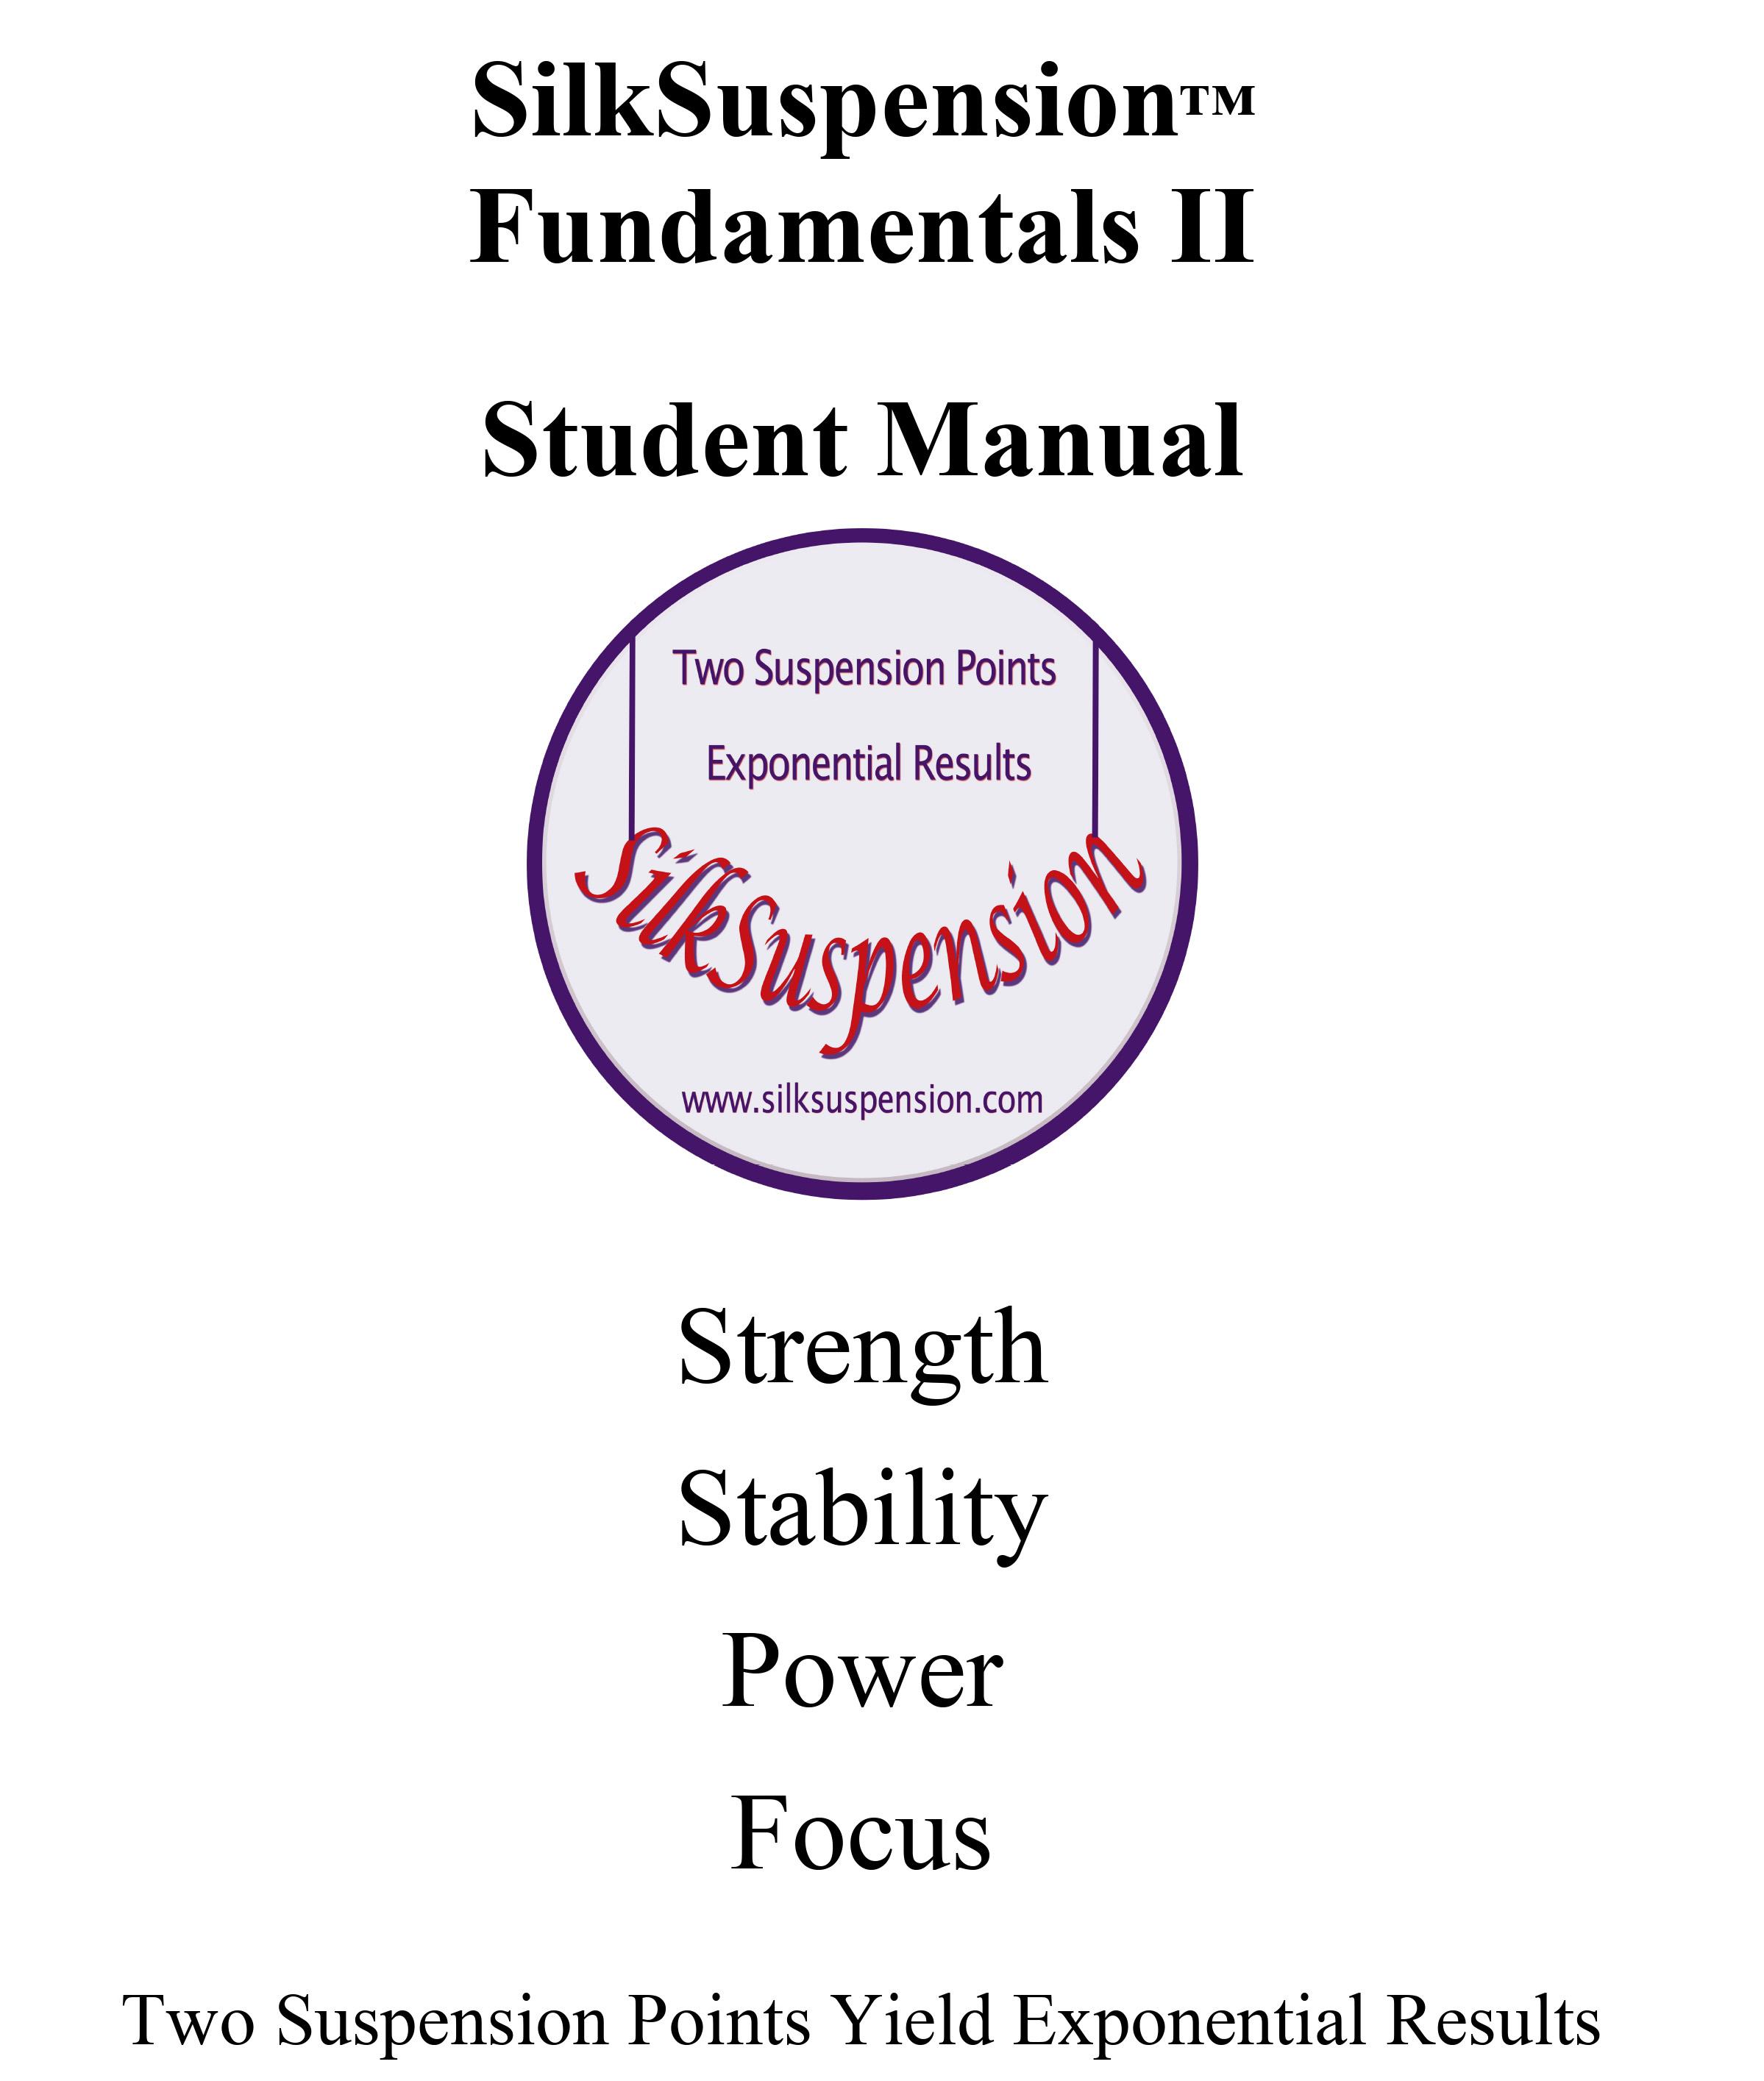 SilkSuspension Fundamentals II (Digital Version)